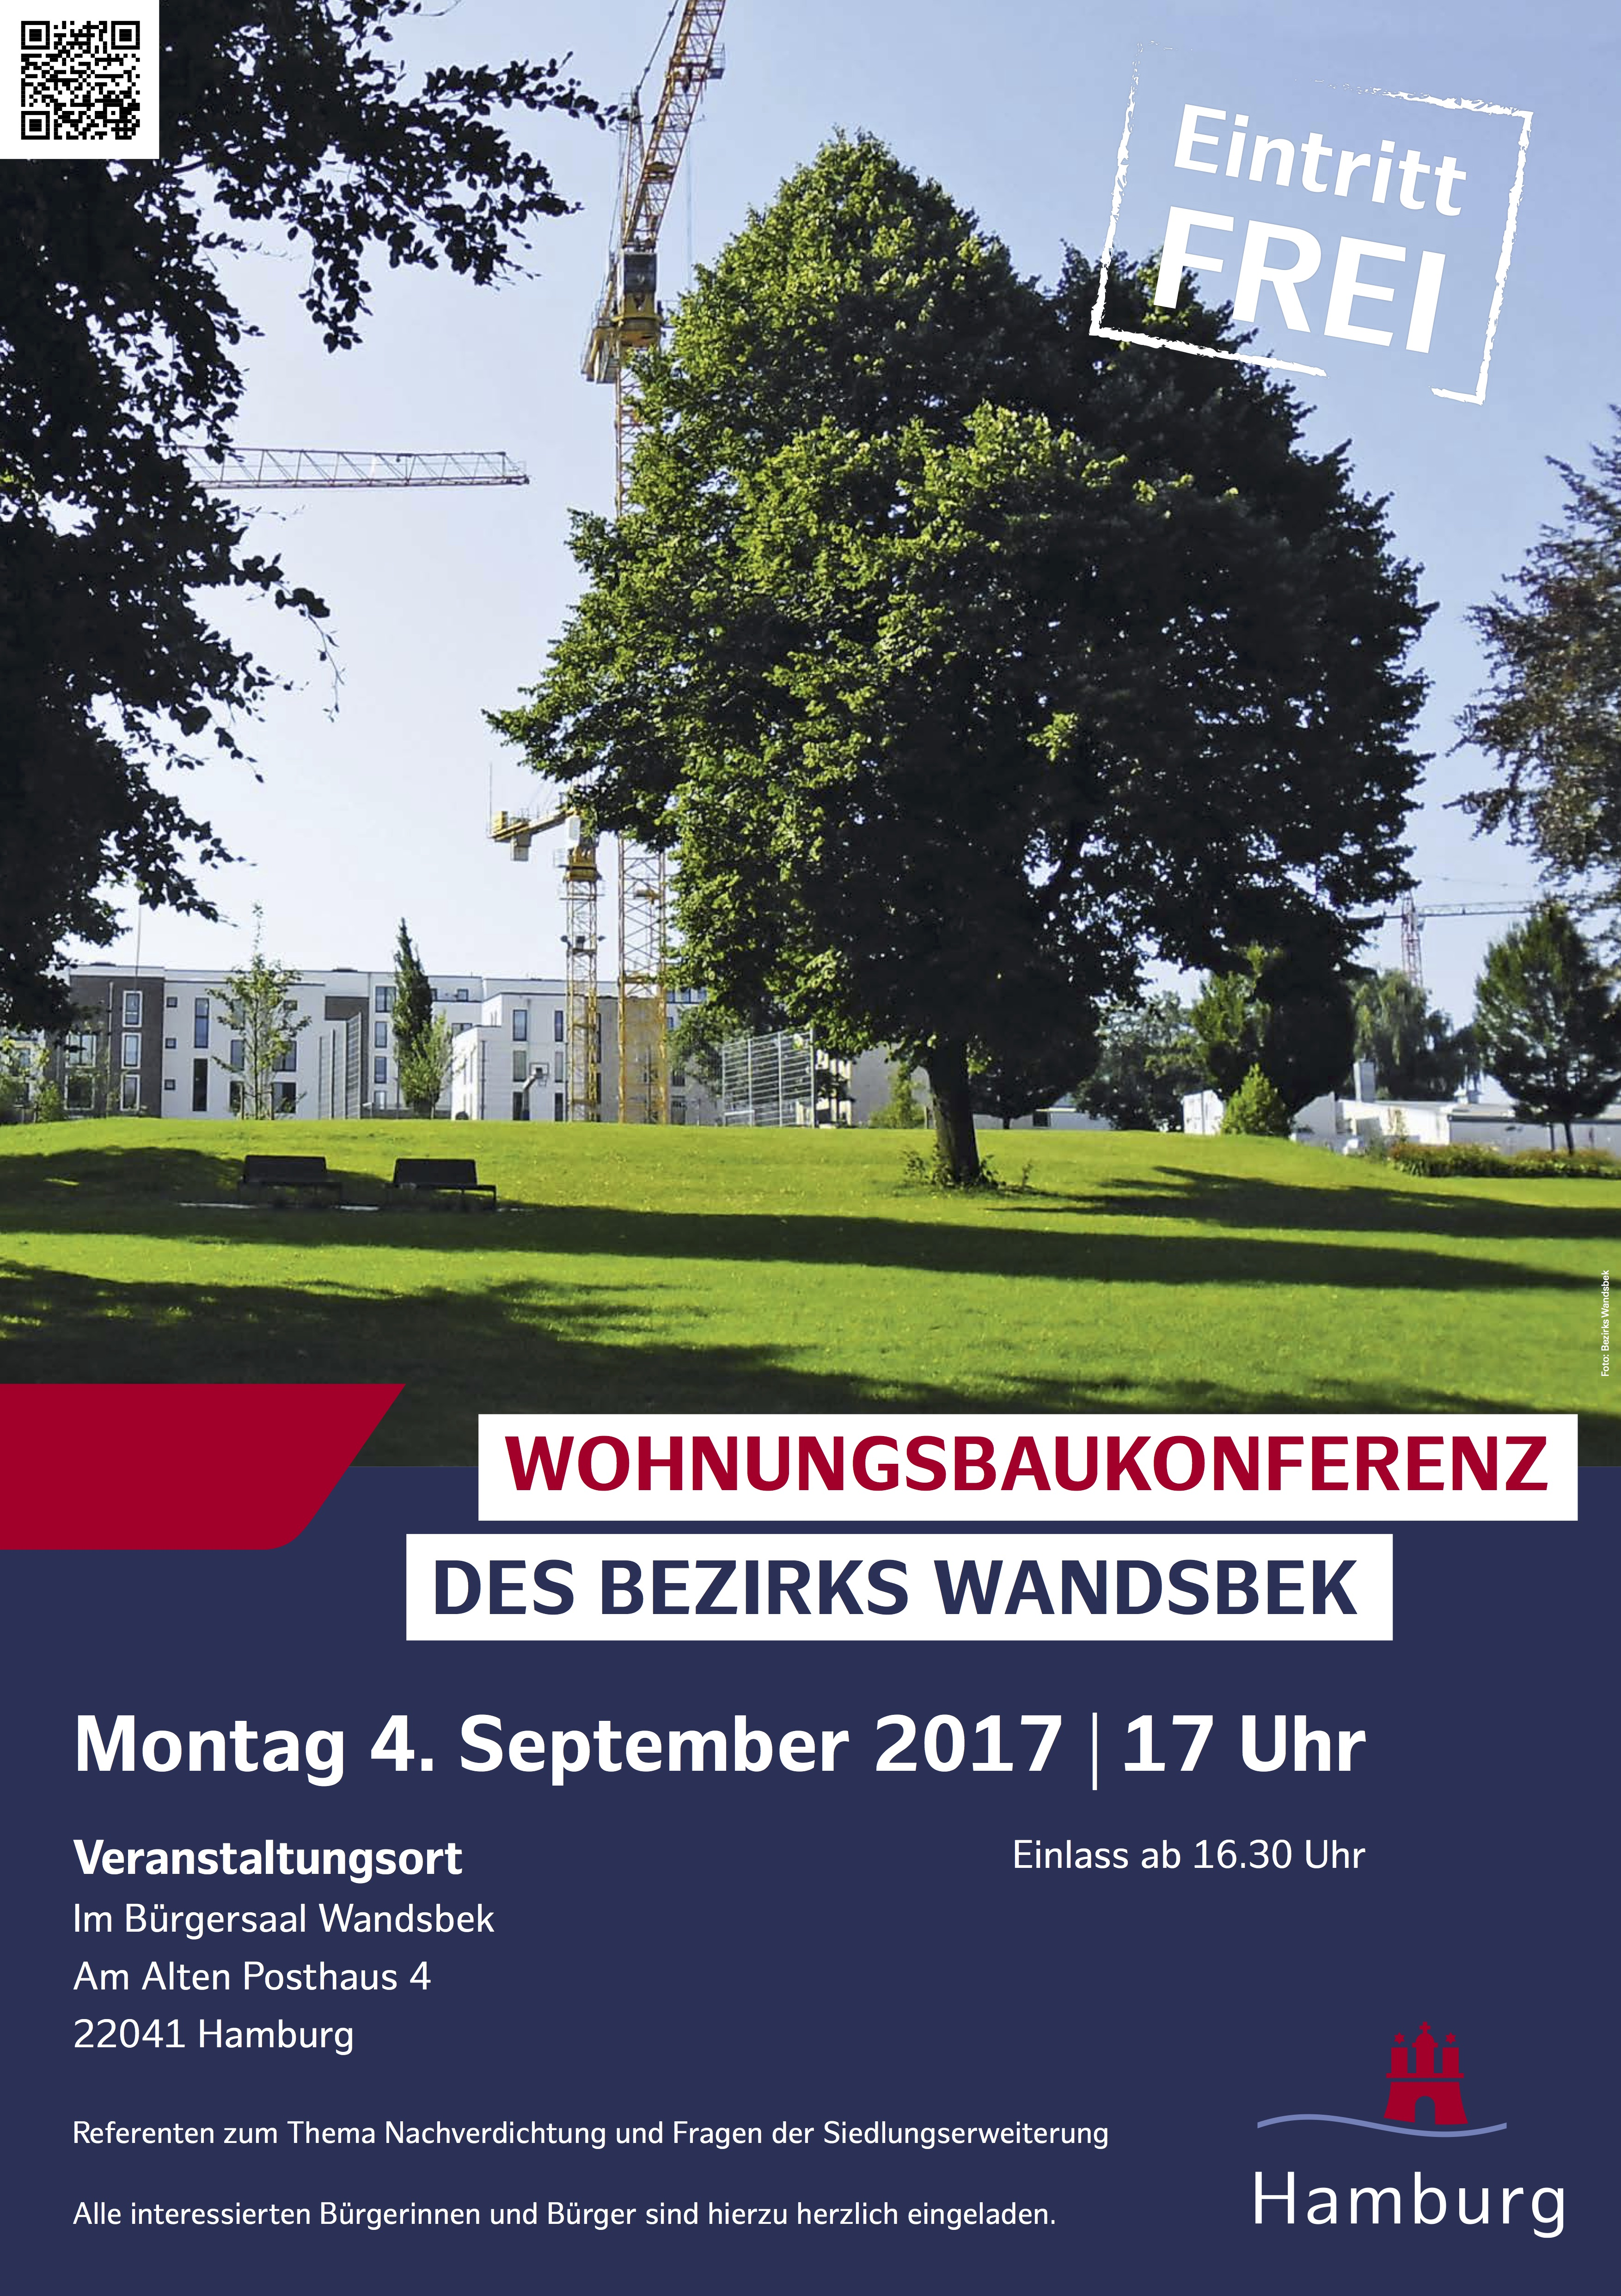 08-Anlage-Wandsbeker-Wohnungsbaukonferenz-2017.jpg